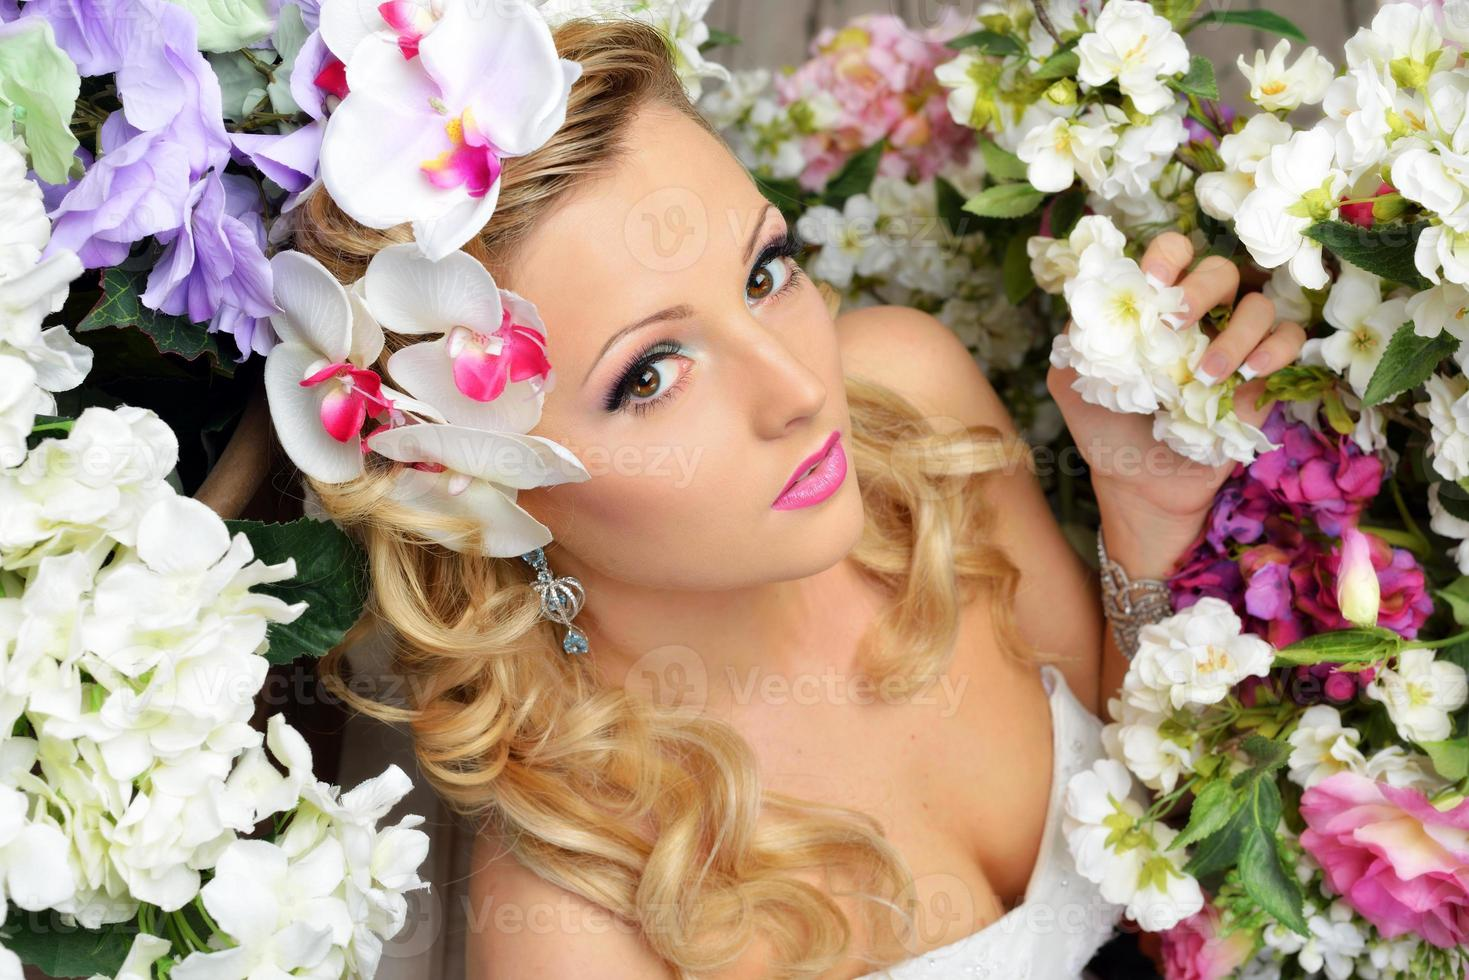 mooie chique vrouw rond de bloemen. foto